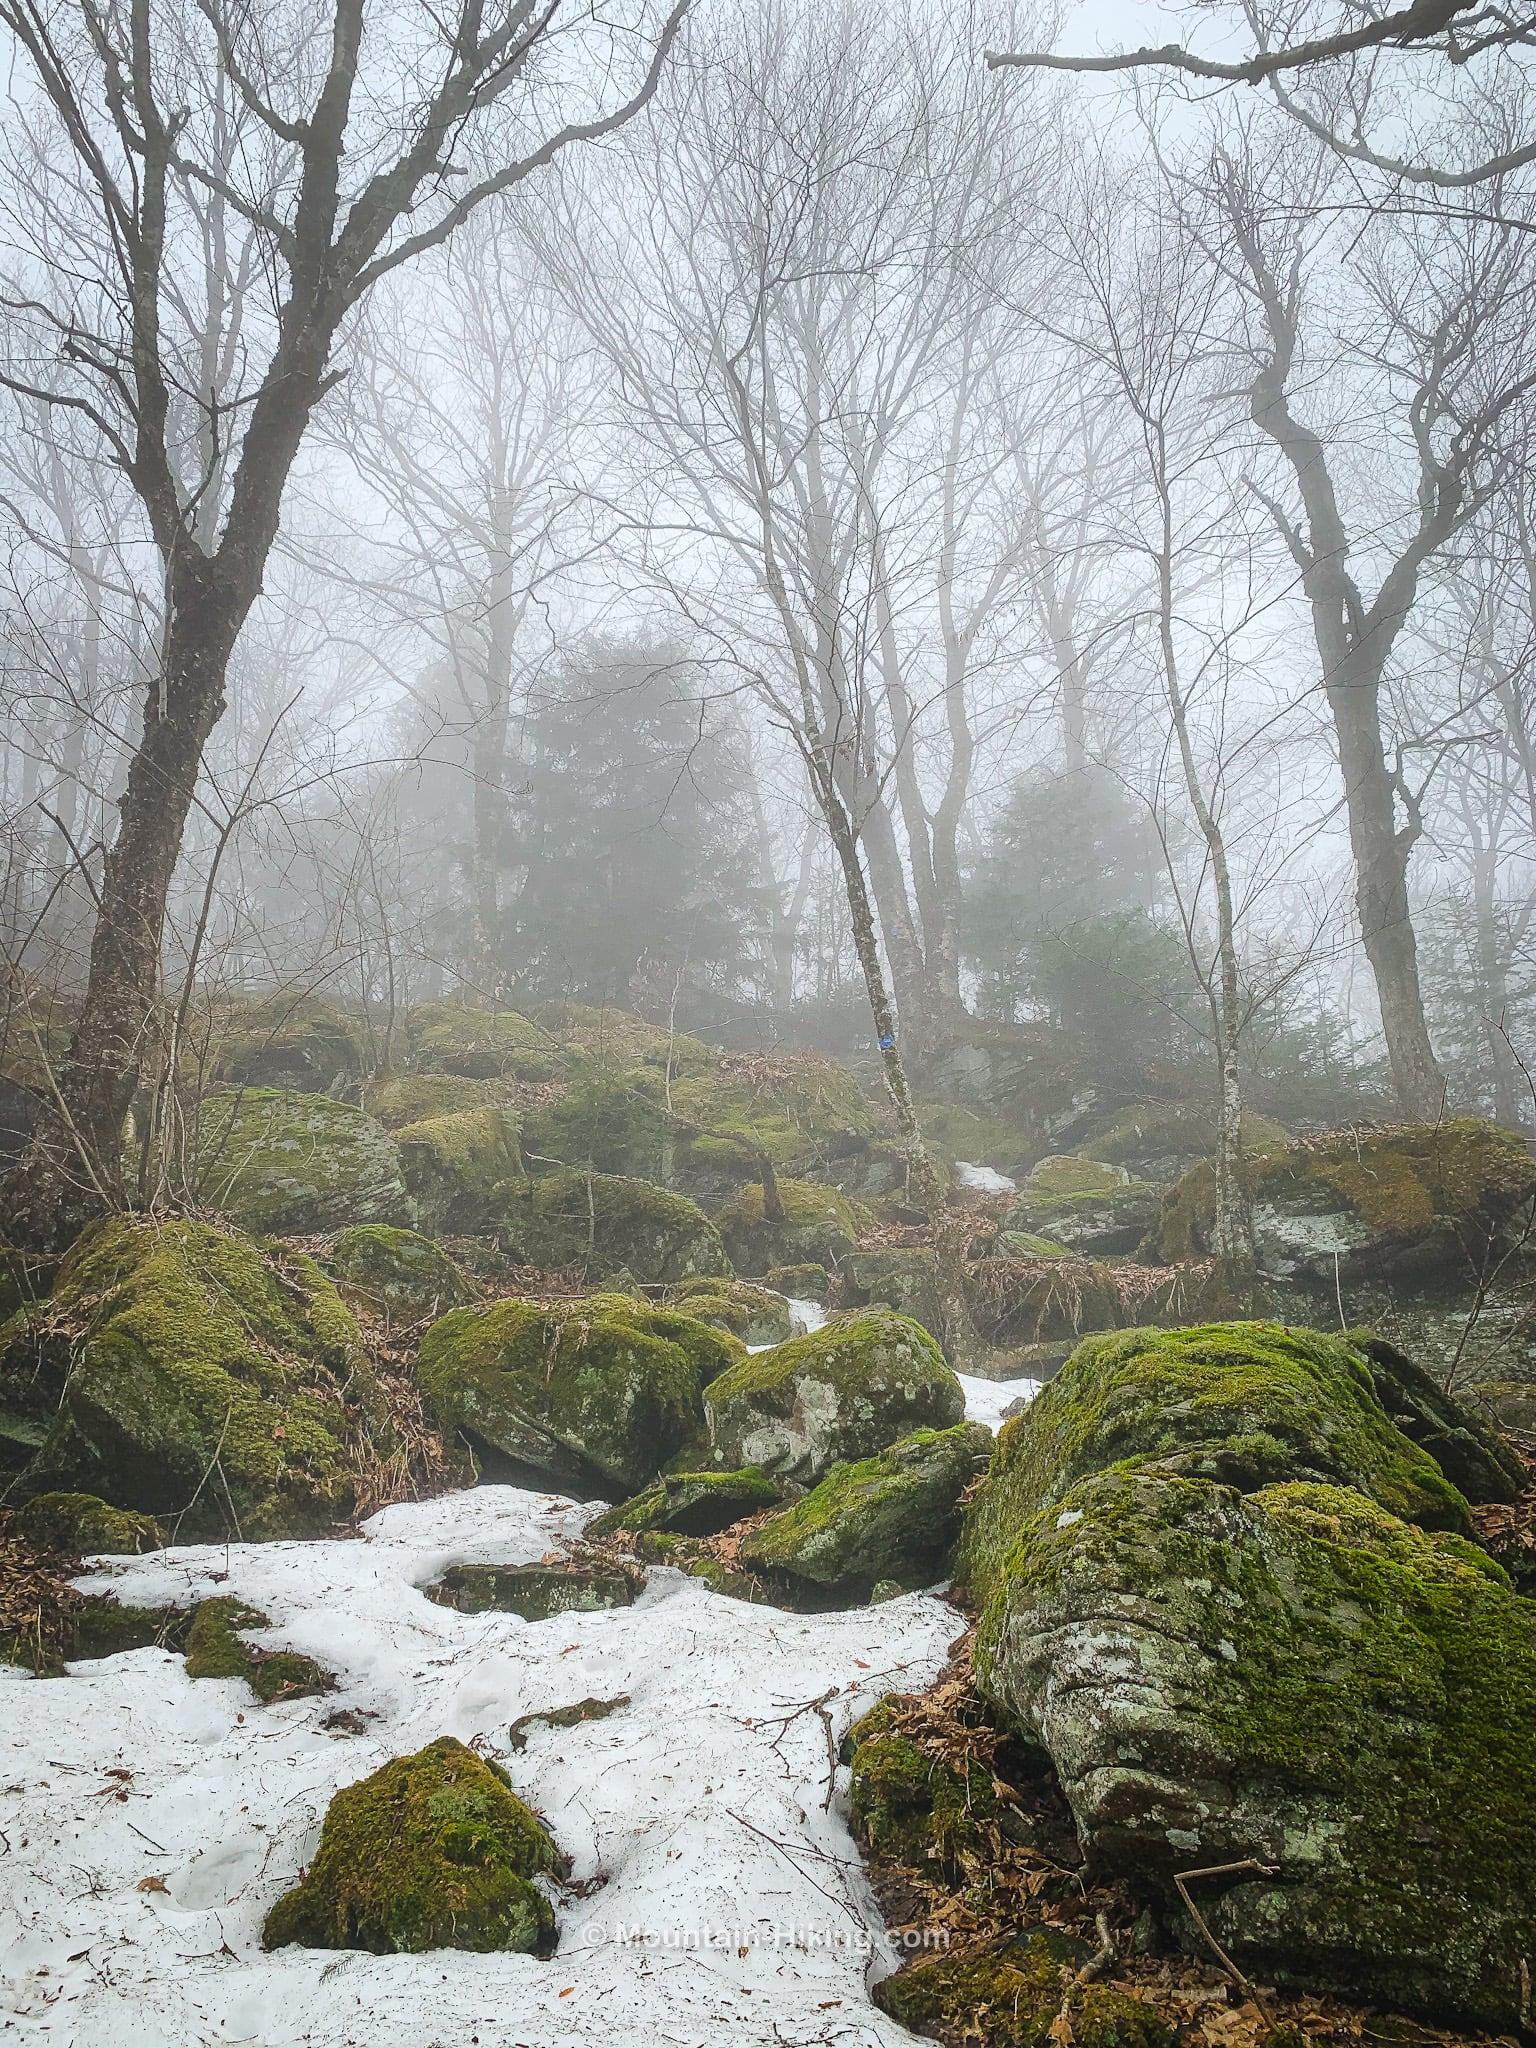 mossy boulders on hillside